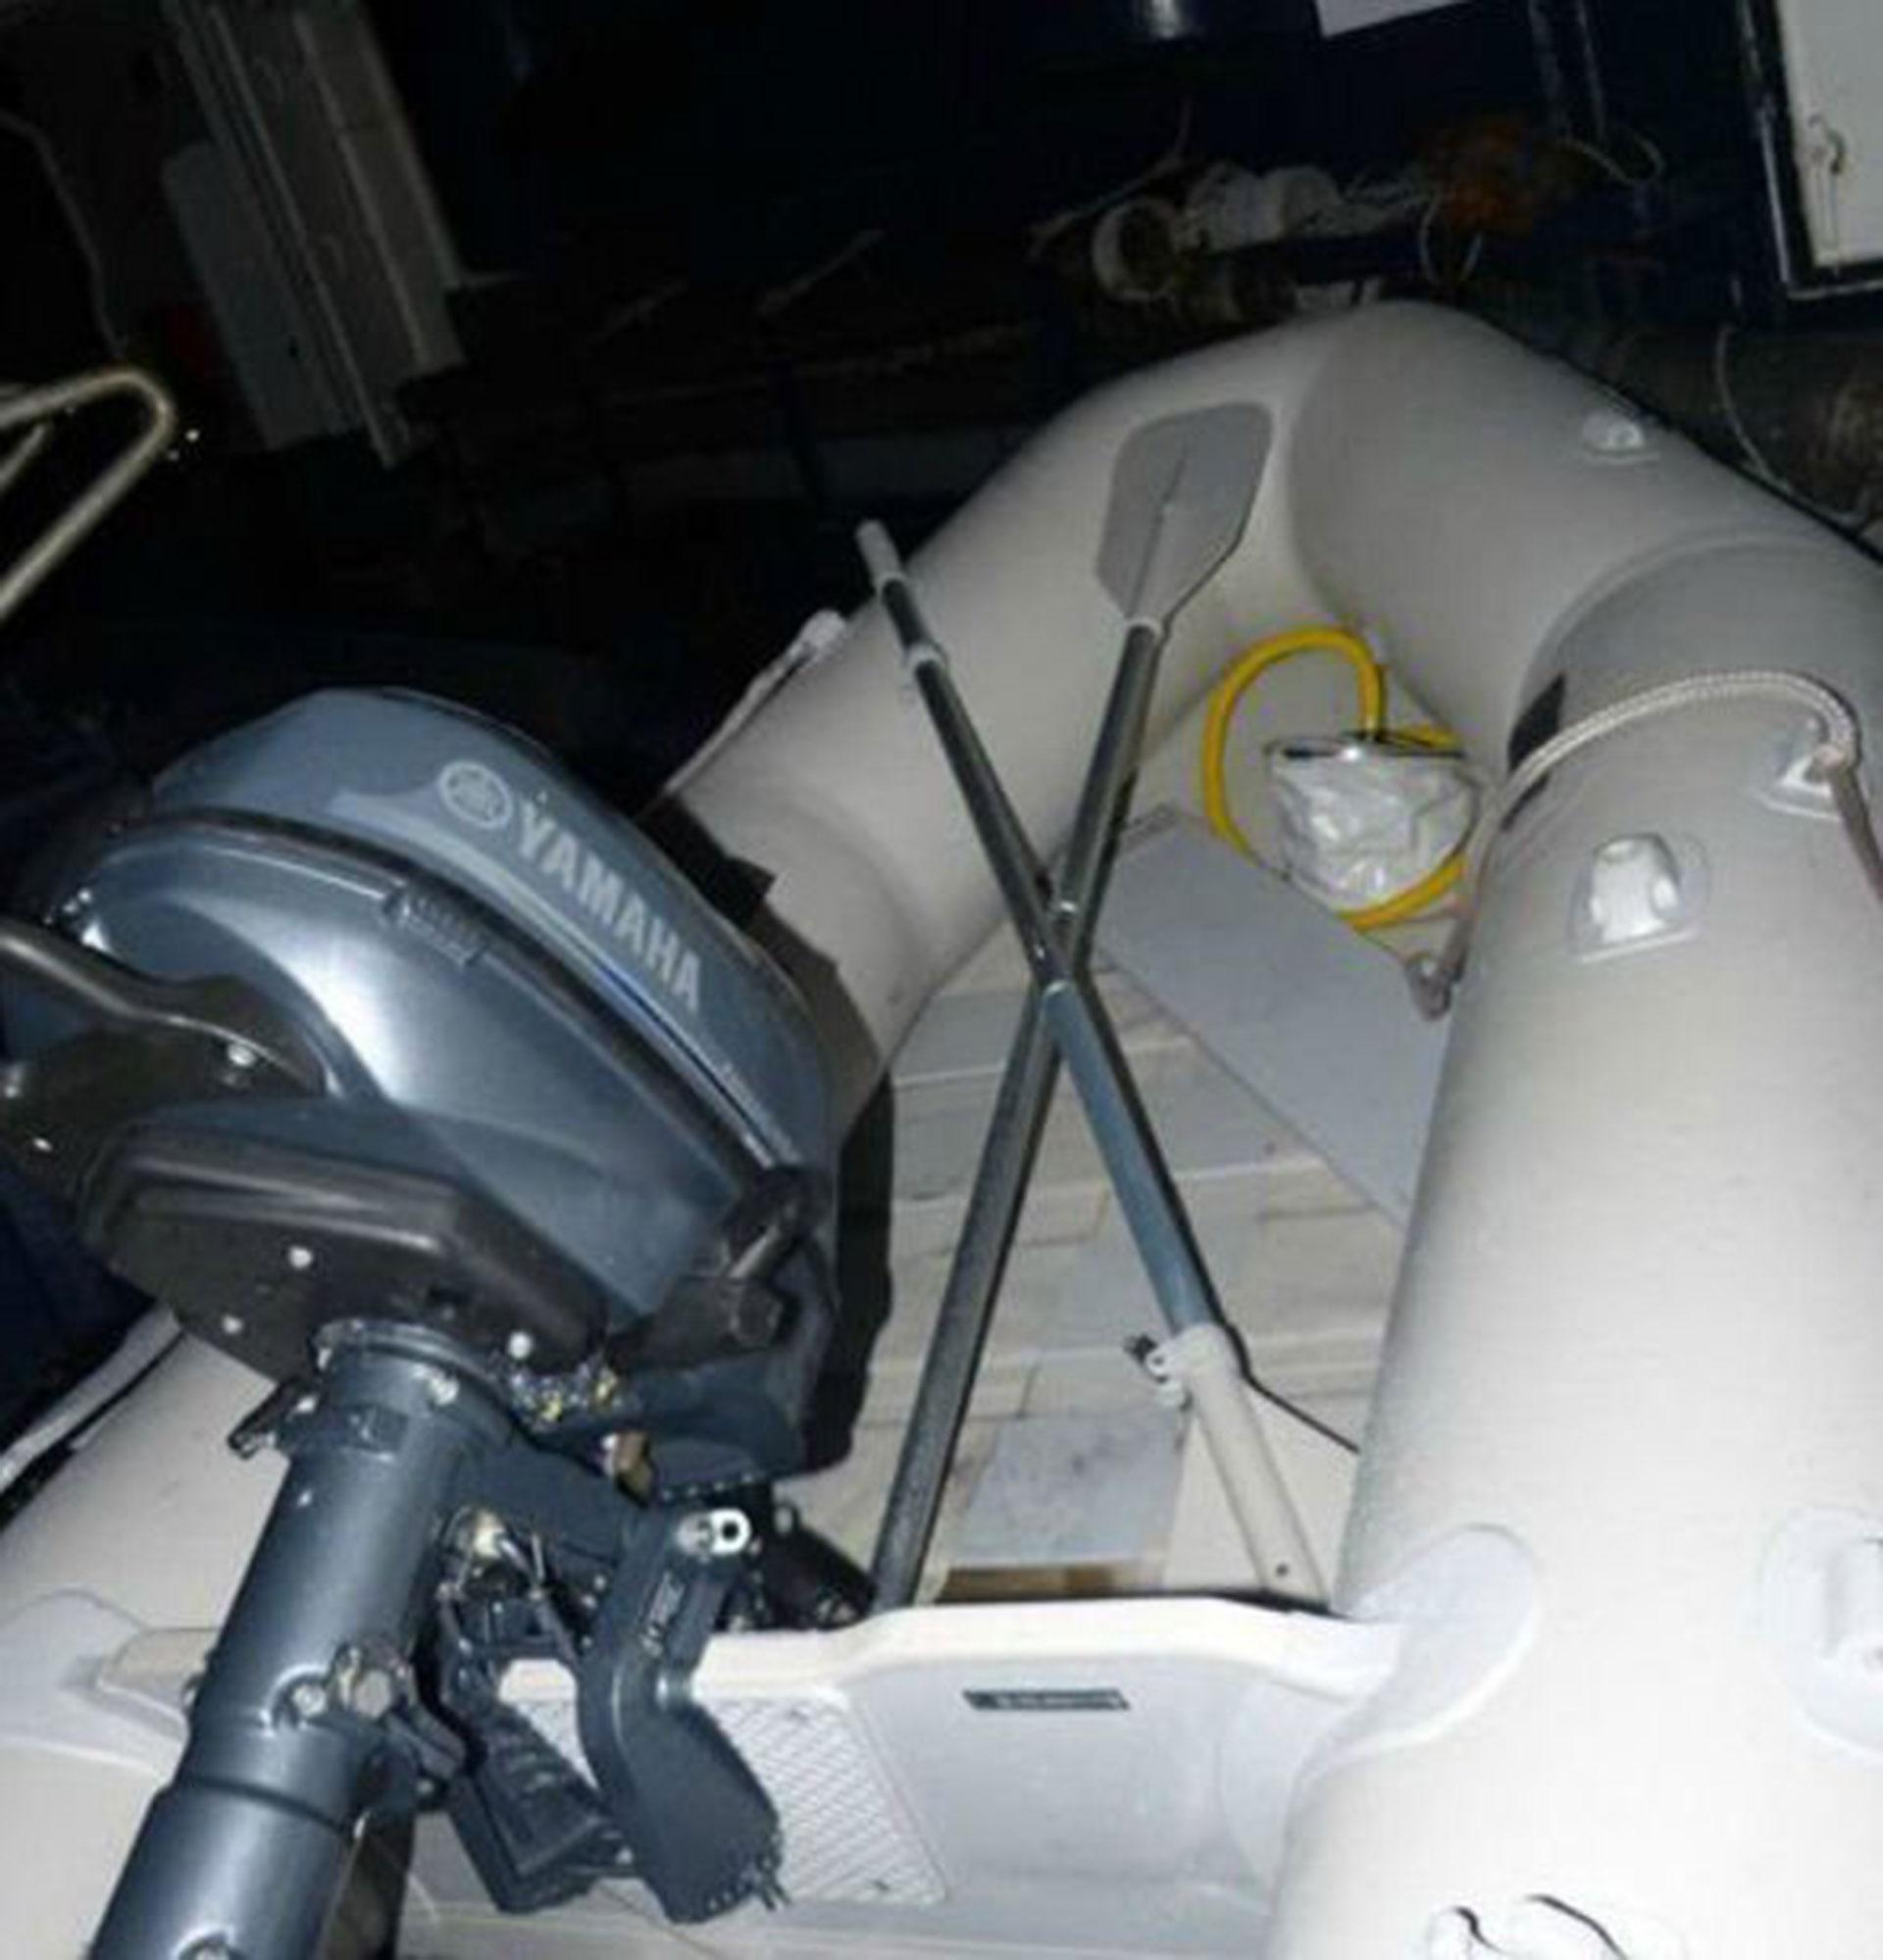 Camuflado entre los inmigrantes, el desertor arribó en un bote similar a esta a Lydd, en el sur de Inglaterra, donde fue recibido por miembros del MI6 (premarmanche/marine nationale)